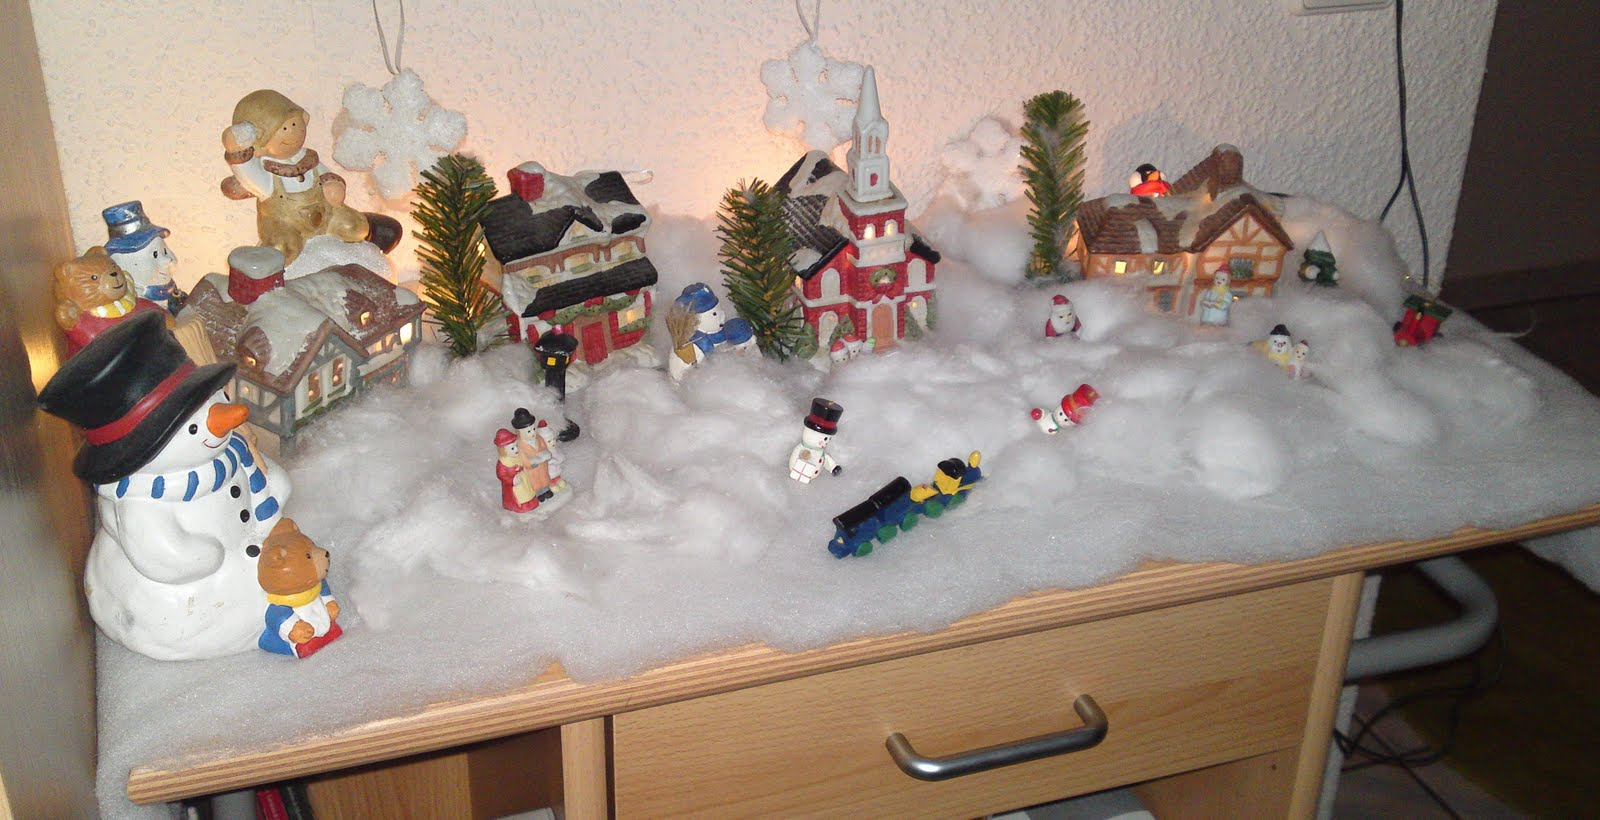 Merrylou s n htr ume november 2010 - Weihnachtsdeko wohnung ...